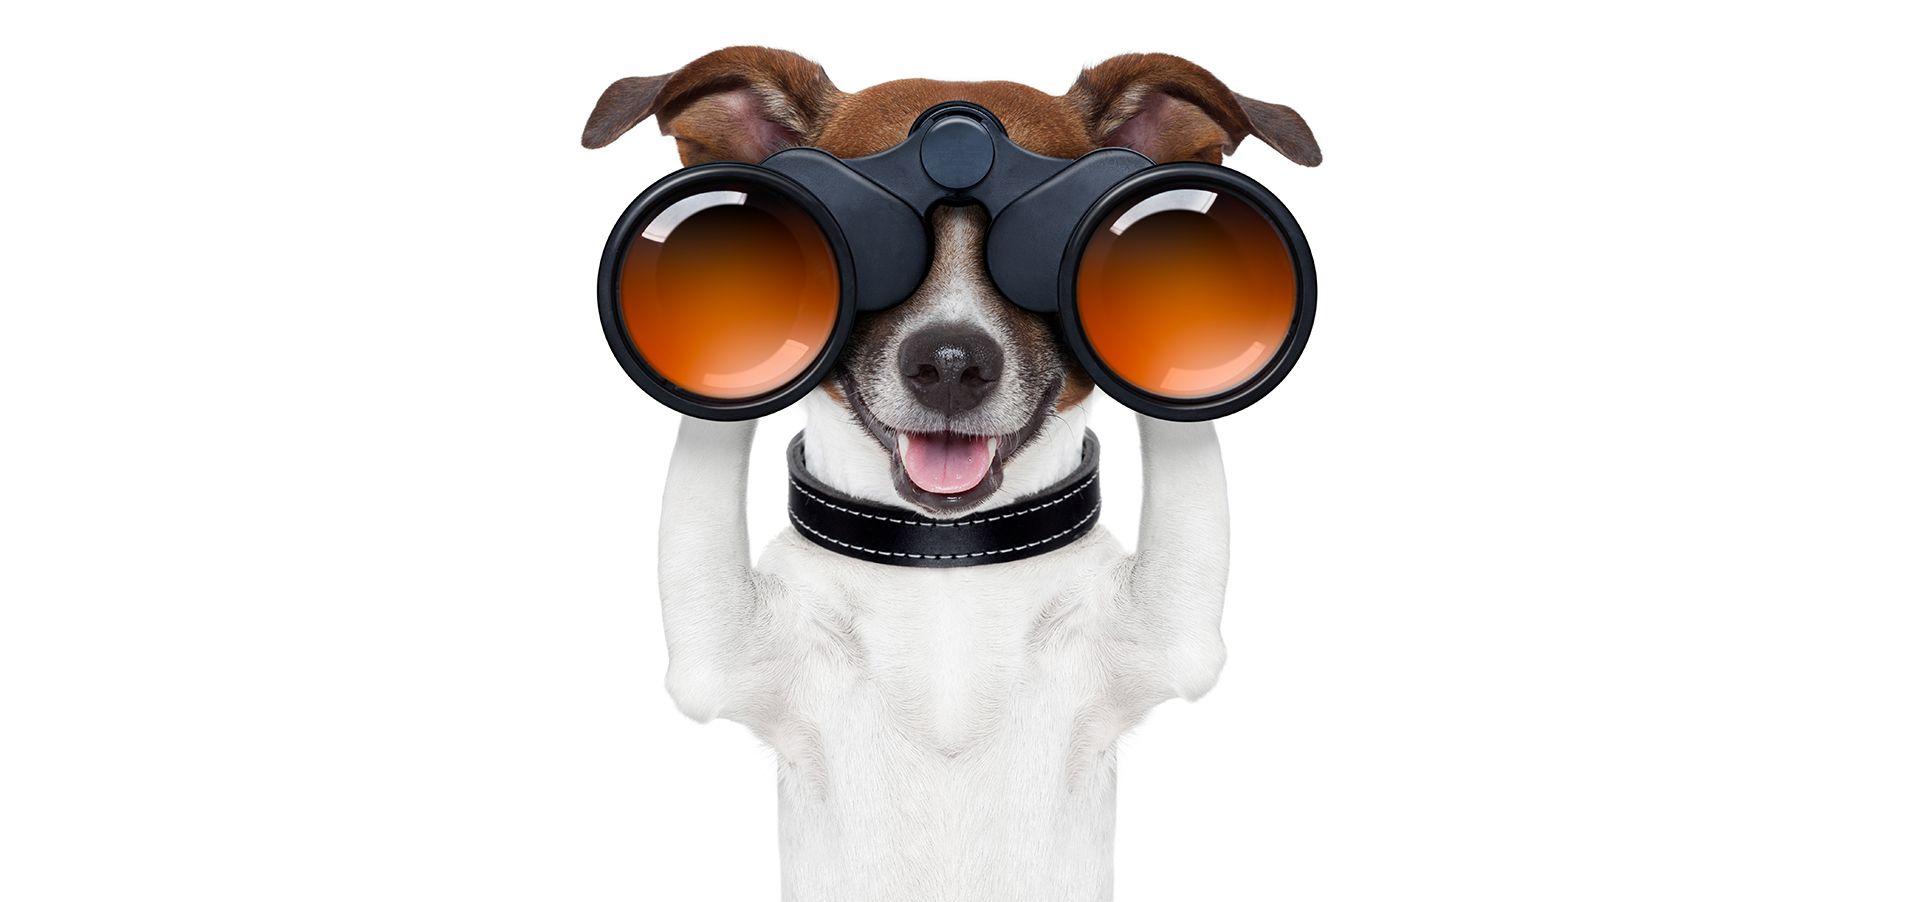 Compare Pet Insurance Pet insurance reviews, Best pet